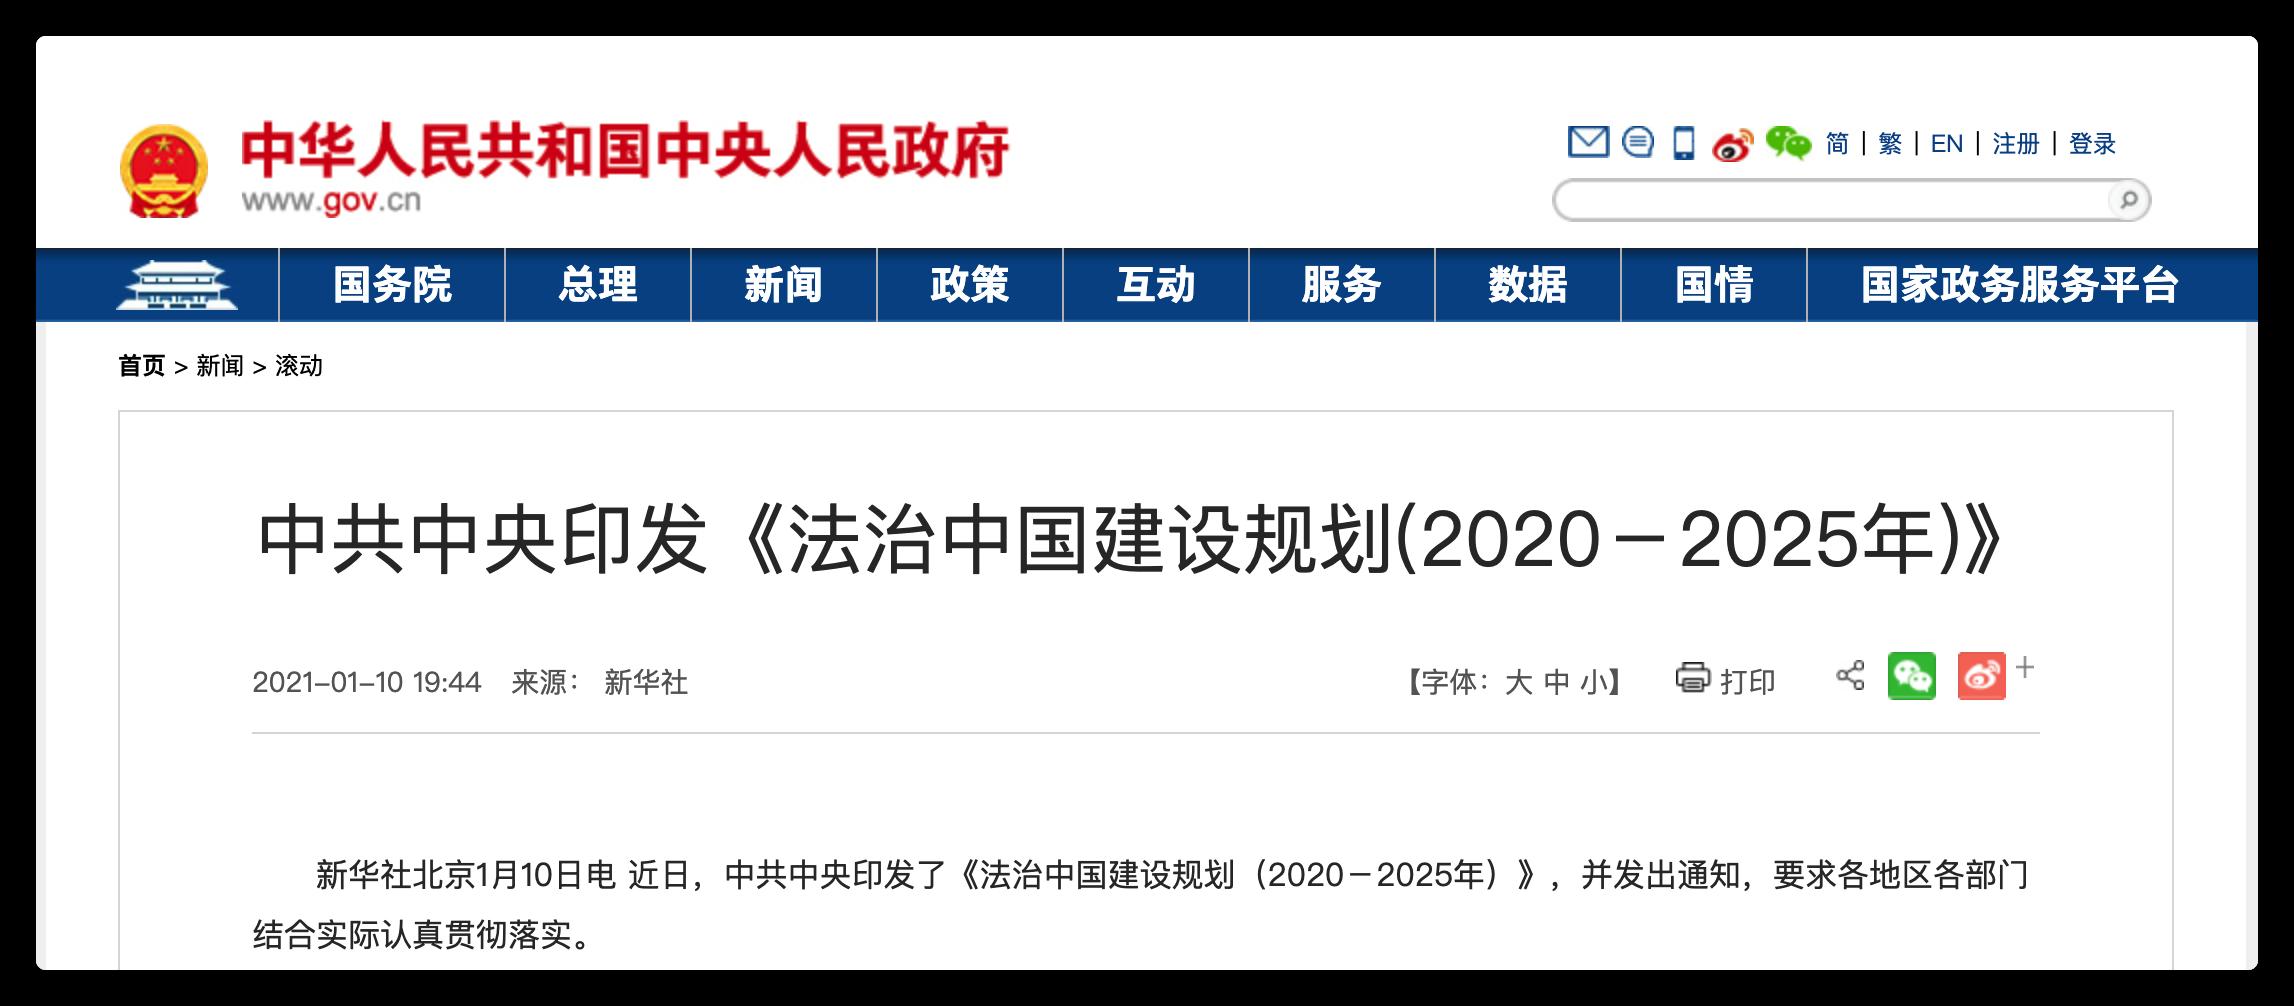 [知产晨讯]1月11日:中共中央印发《法治中国建设规划(2020-2025年)》;中央再次释放反垄断信号!;最高院:让知产司法保护利剑高悬